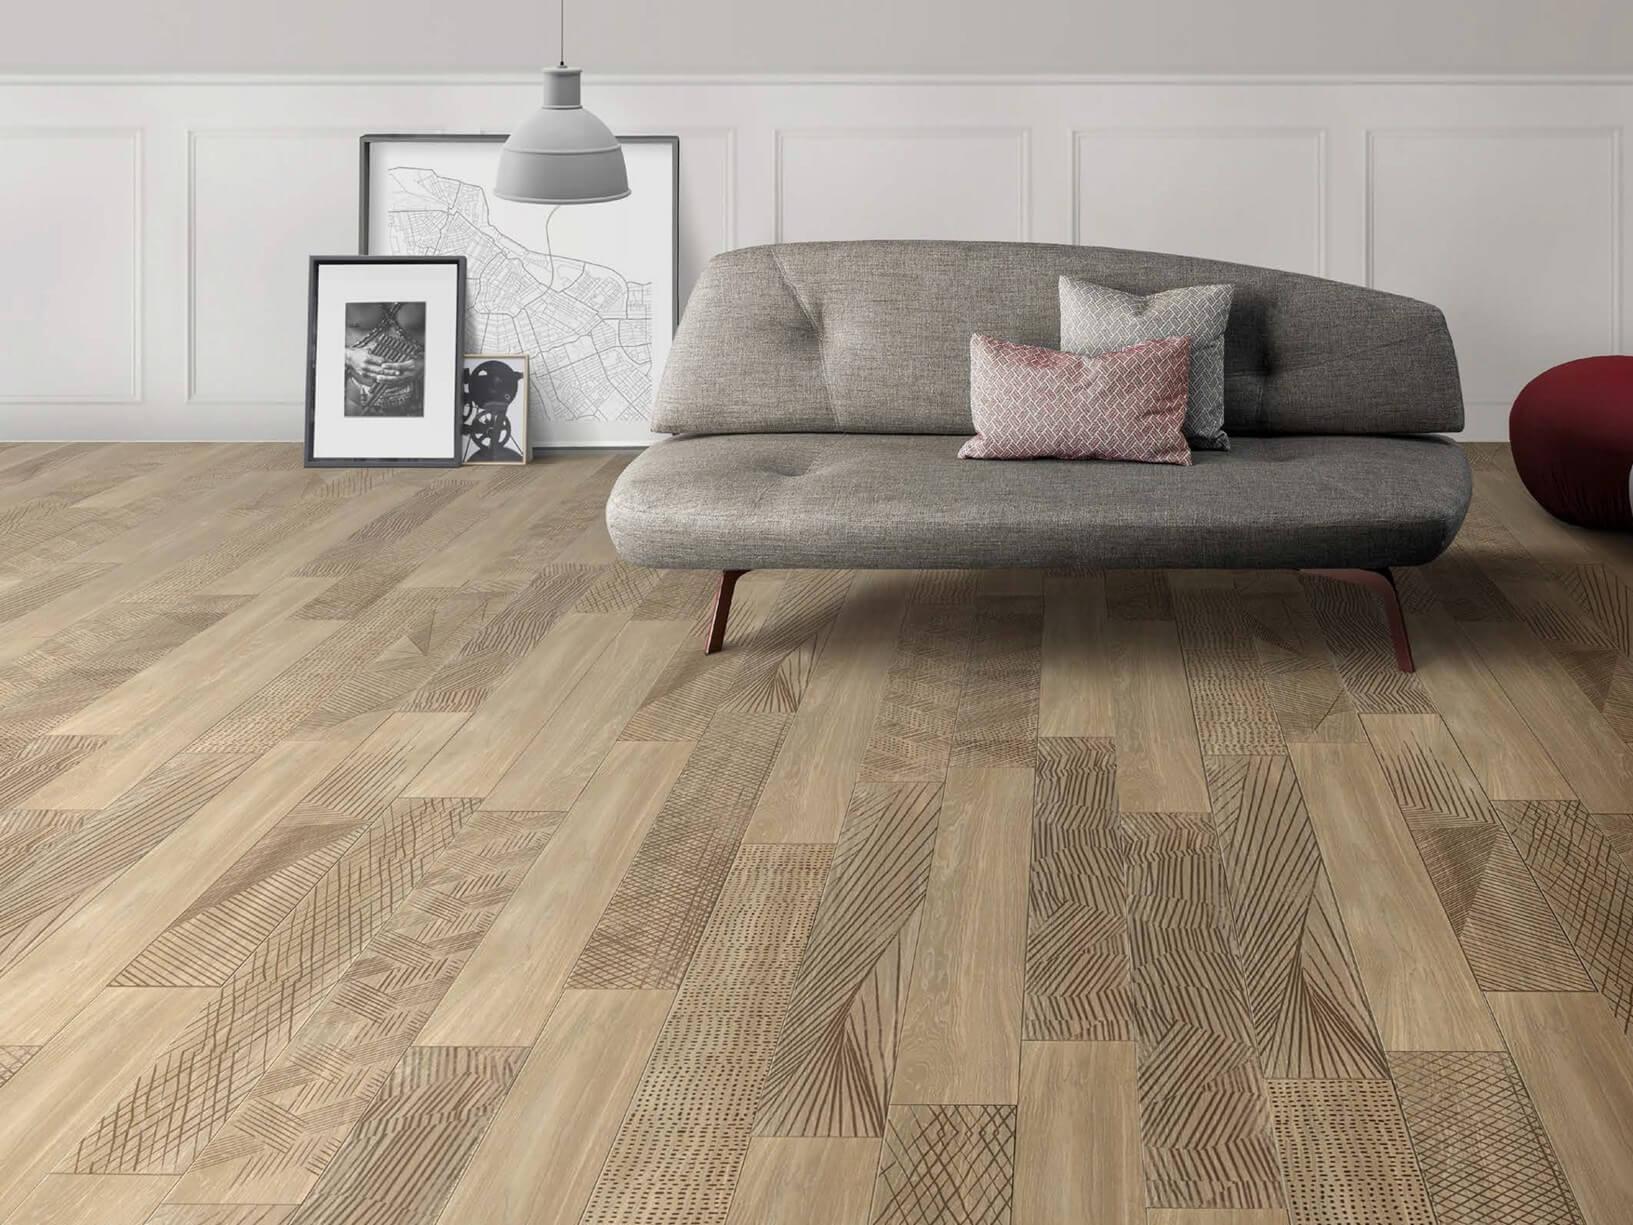 Tre tipologie di pavimenti moderni per la tua casa artheco for Pavimenti per case moderne